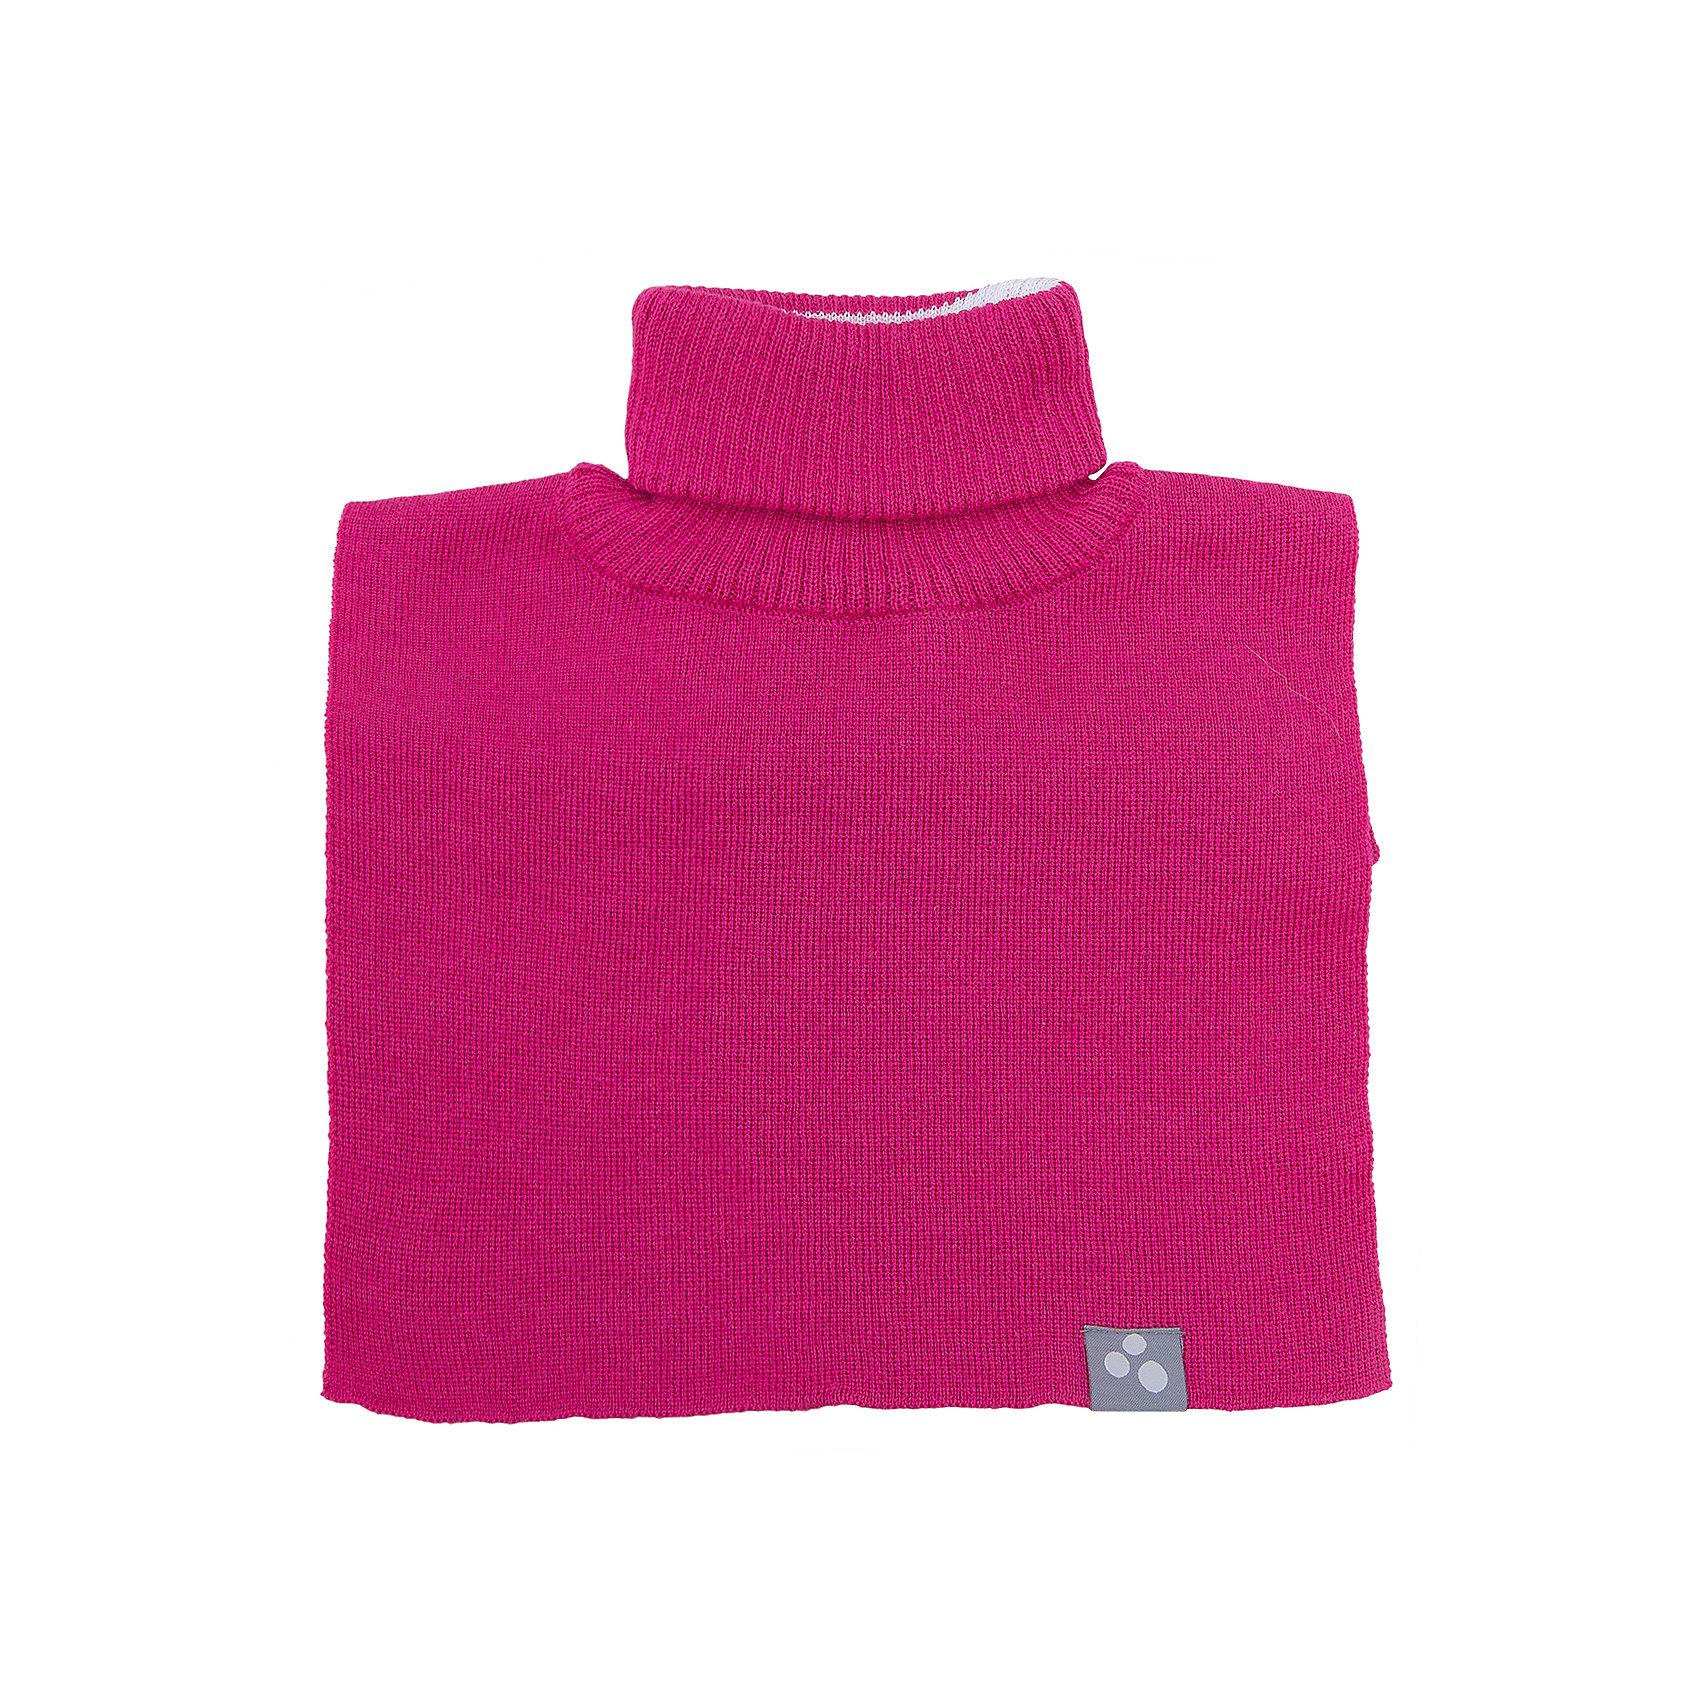 Шарф флисовый HuppaШарф CORA Huppa(Хуппа) - вязаный воротник, изготовленный из шерсти мериноса и акрила с подкладкой из флиса. Он надежно защитит шею ребенка от мороза и ветра. Этот шарф ребенок с радостью наденет самостоятельно.<br><br>Дополнительная информация:<br>Материал: 50% шерсть мериноса, 50% акрил<br>Подкладка : хлопок<br>Цвет: фуксия<br><br>Шарф CORA Huppa(Хуппа) можно приобрести в нашем интернет-магазине.<br><br>Ширина мм: 88<br>Глубина мм: 155<br>Высота мм: 26<br>Вес г: 106<br>Цвет: розовый<br>Возраст от месяцев: 84<br>Возраст до месяцев: 120<br>Пол: Унисекс<br>Возраст: Детский<br>Размер: 55-57,47-49<br>SKU: 4923918